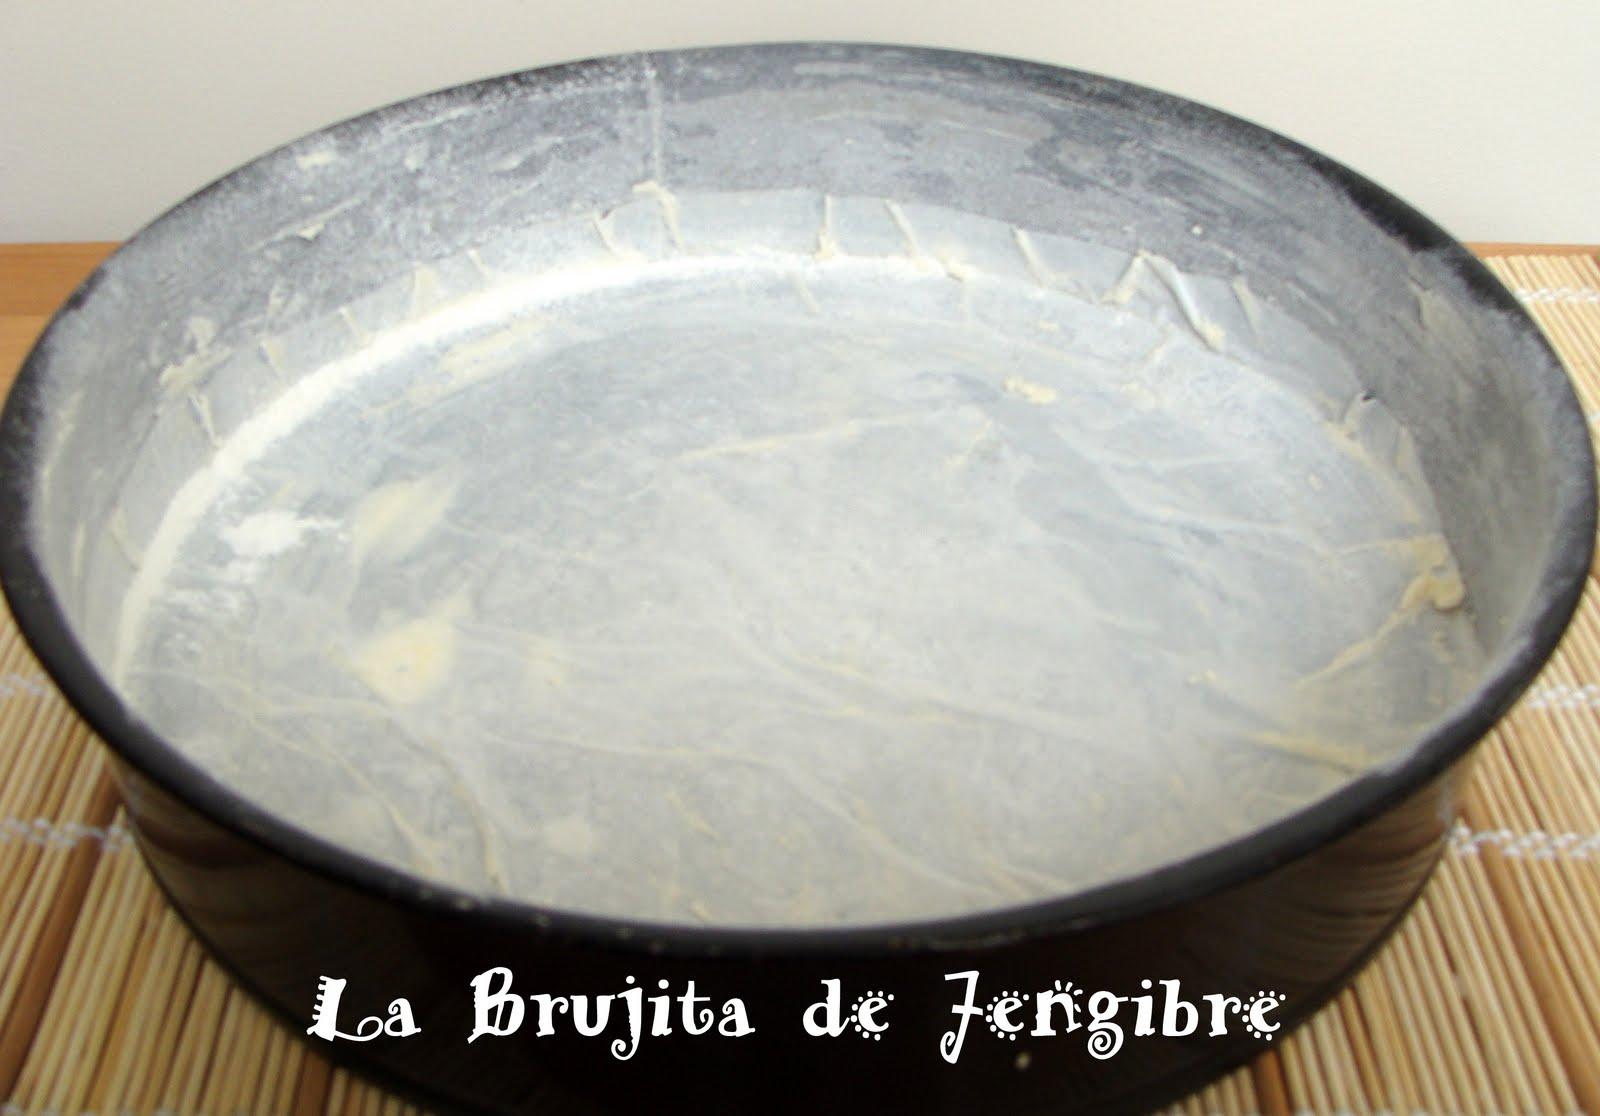 Baño Turco Temperatura Normal:La Brujita de Jengibre: QUEQUE DE POLENTA CON MIEL EN POLVO Y BAÑO DE